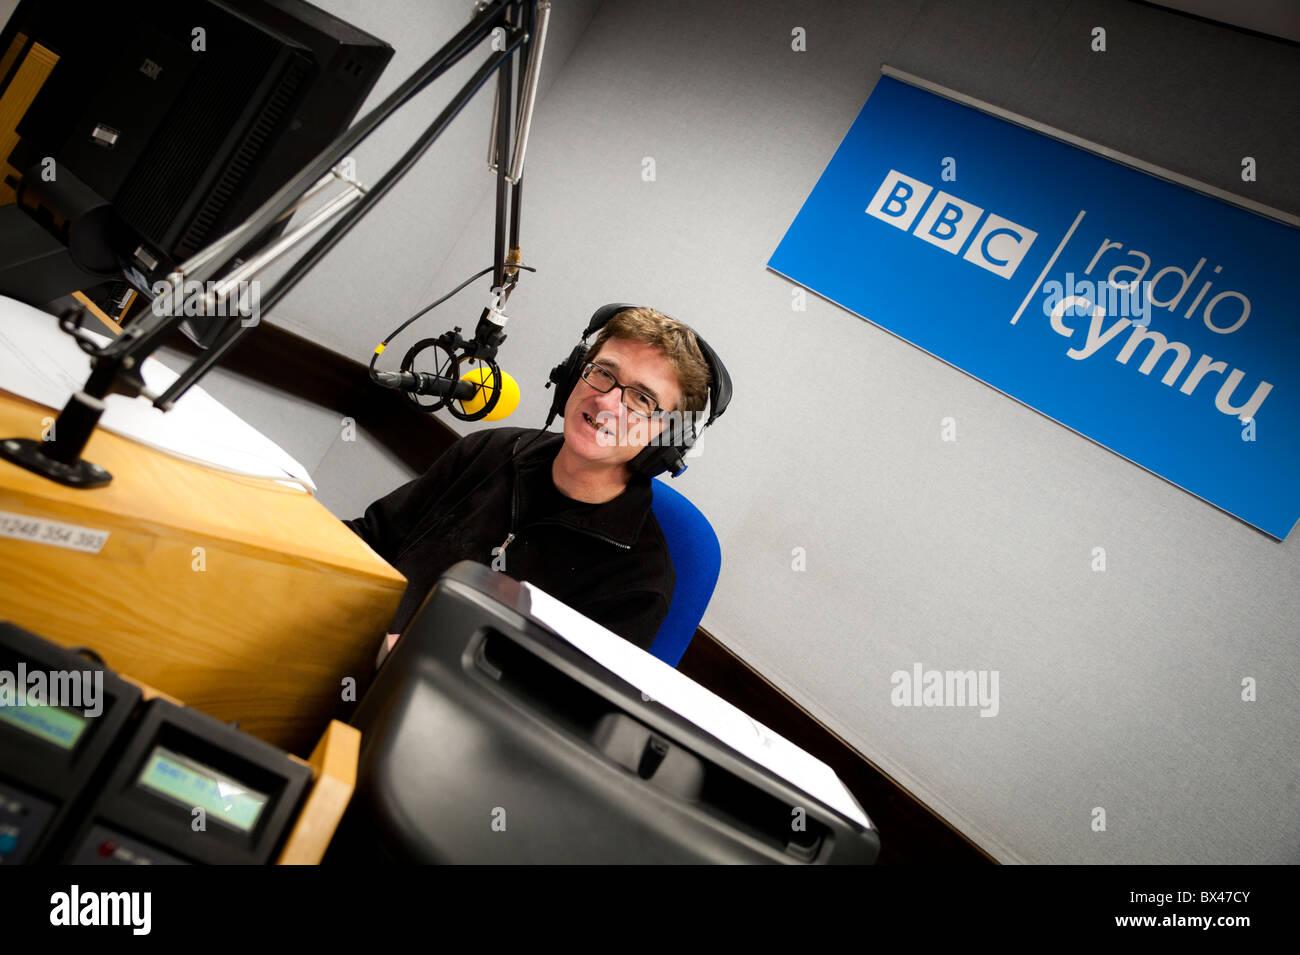 Welsh DJ GERAINT LLOYD in the BBC Radio wales regional studio Aberystwyth UK - Stock Image